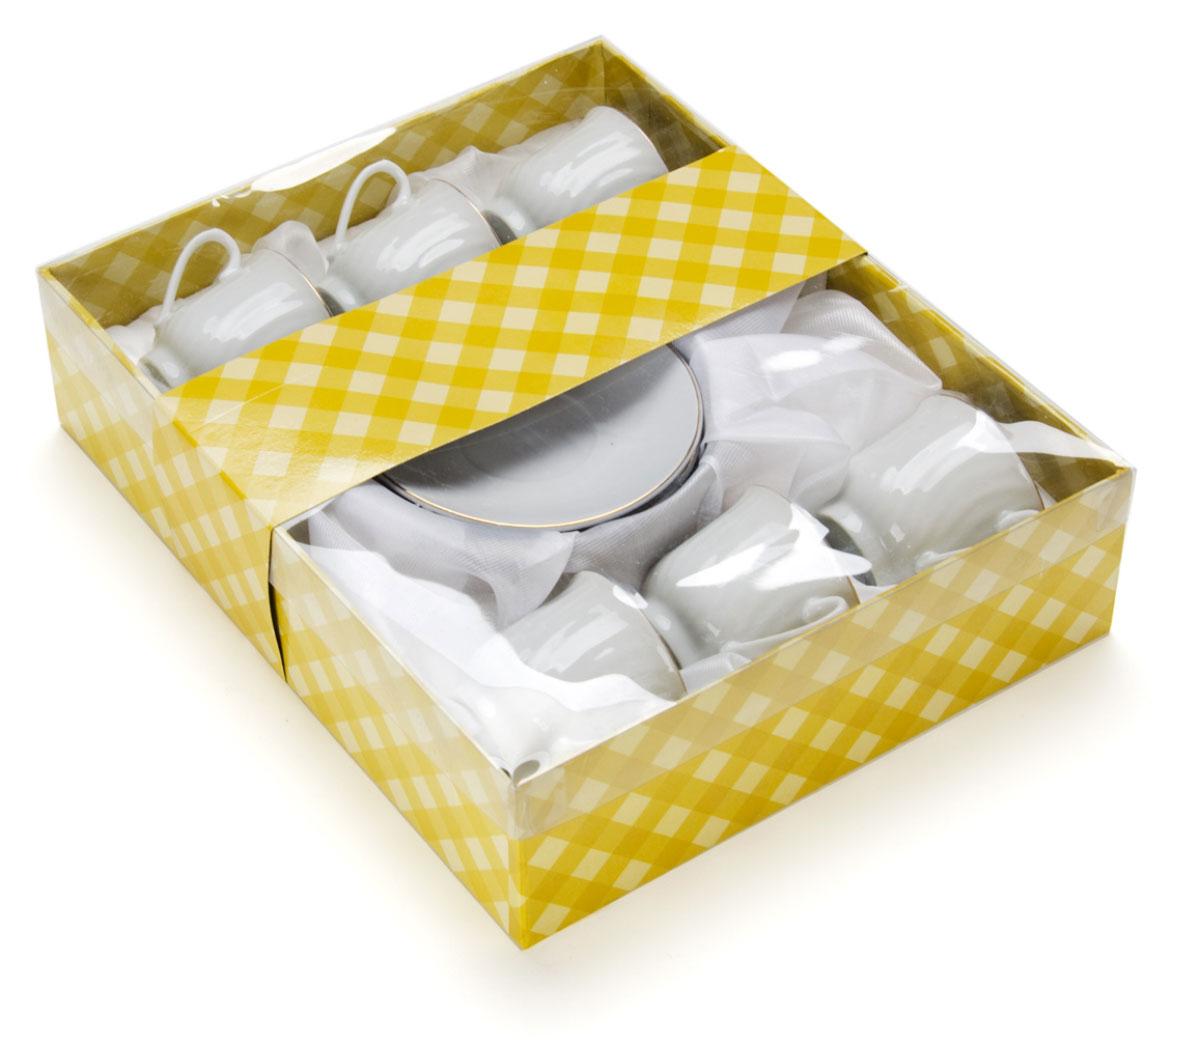 Набор кофейный Loraine, 12 предметов. 2561025610Набор имеет красивый нежный дизайн. Состоит из 12 предметов: чашка-6 шт (90 мл) и блюдце-6 шт. Набор изготовлен из качественной керамики. Керамика безопасна для здоровья и надолго сохраняет тепло напитка. Изысканно белый цвет с золотым декором придает набору элегантный вид. Набор аккуратно сложен в подарочную упаковку. Размеры: чашка - D6х5,5см, блюдце - D10,5см. Станет прекрасным украшением сервировки стола, а процесс чаепития превратится в одно удовольствие! Прекрасный выбор для подарка родным и друзьям.